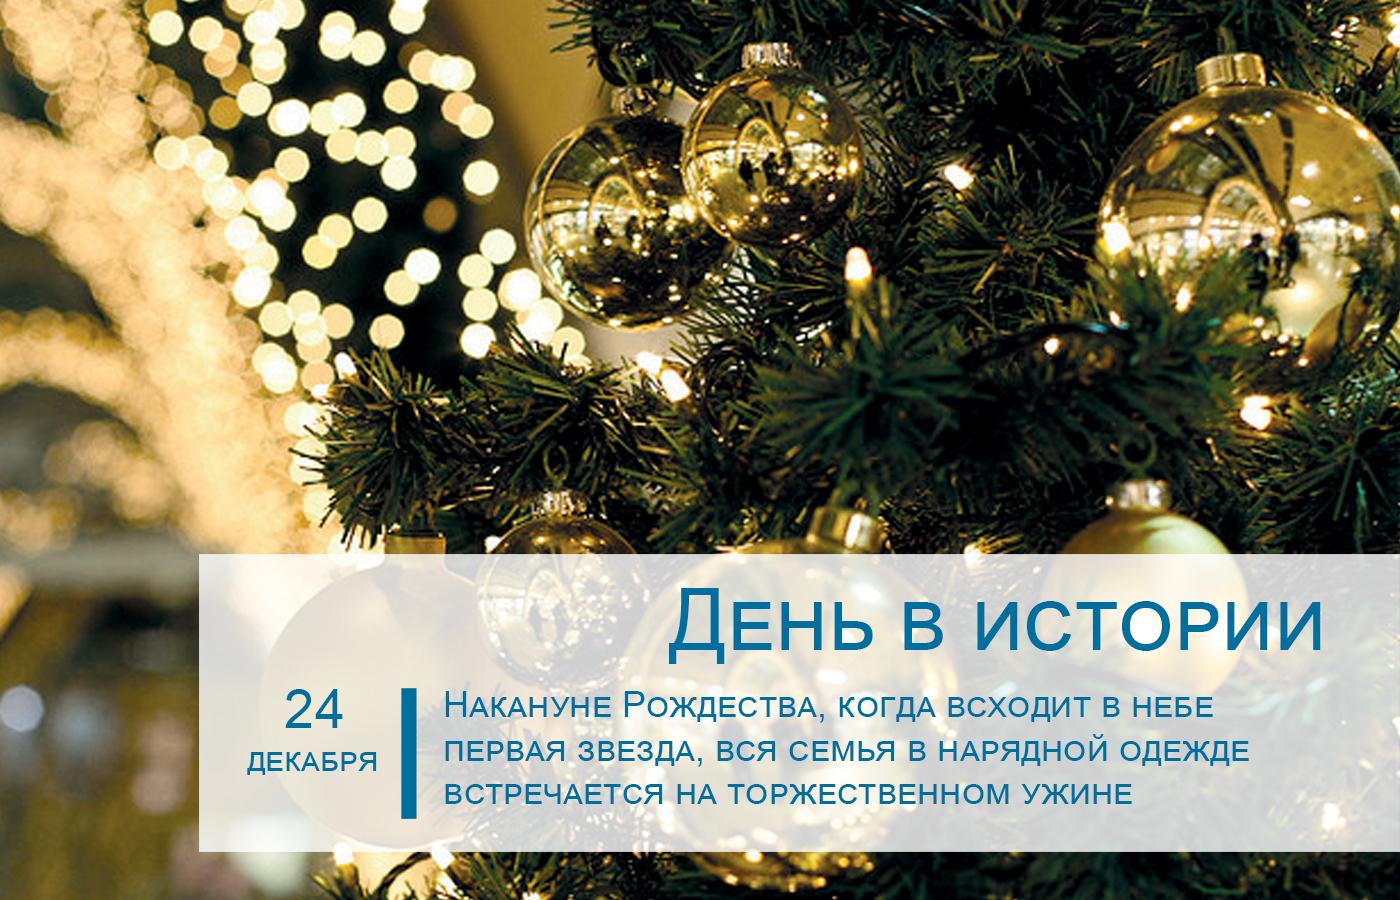 День в истории: 24 декабря